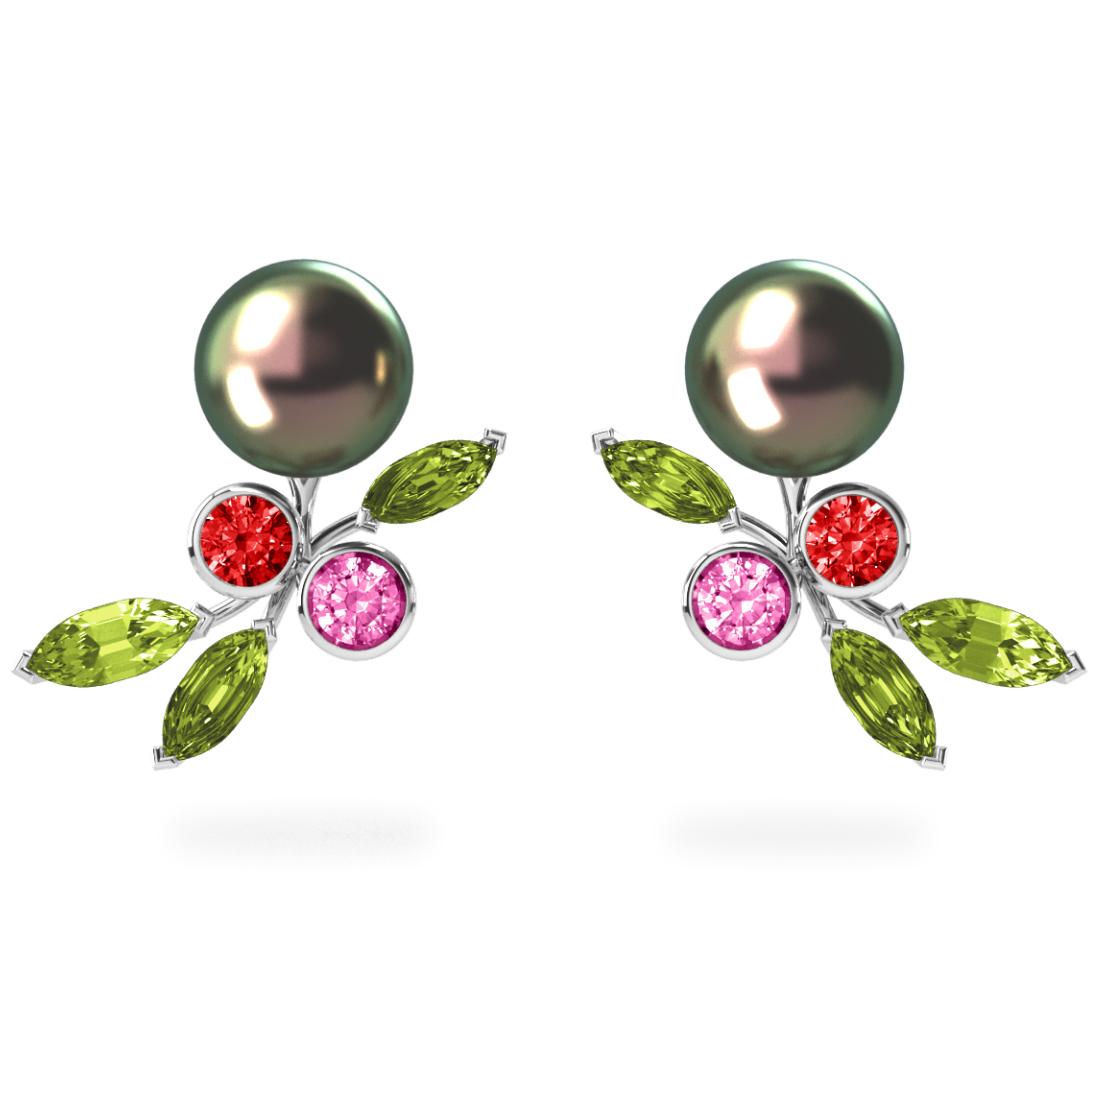 Boucles d'oreilles My Angel Peacock  Pistache - Saphirs, diamants, peridots & perles de Tahiti <br /> Or blanc 18 carats